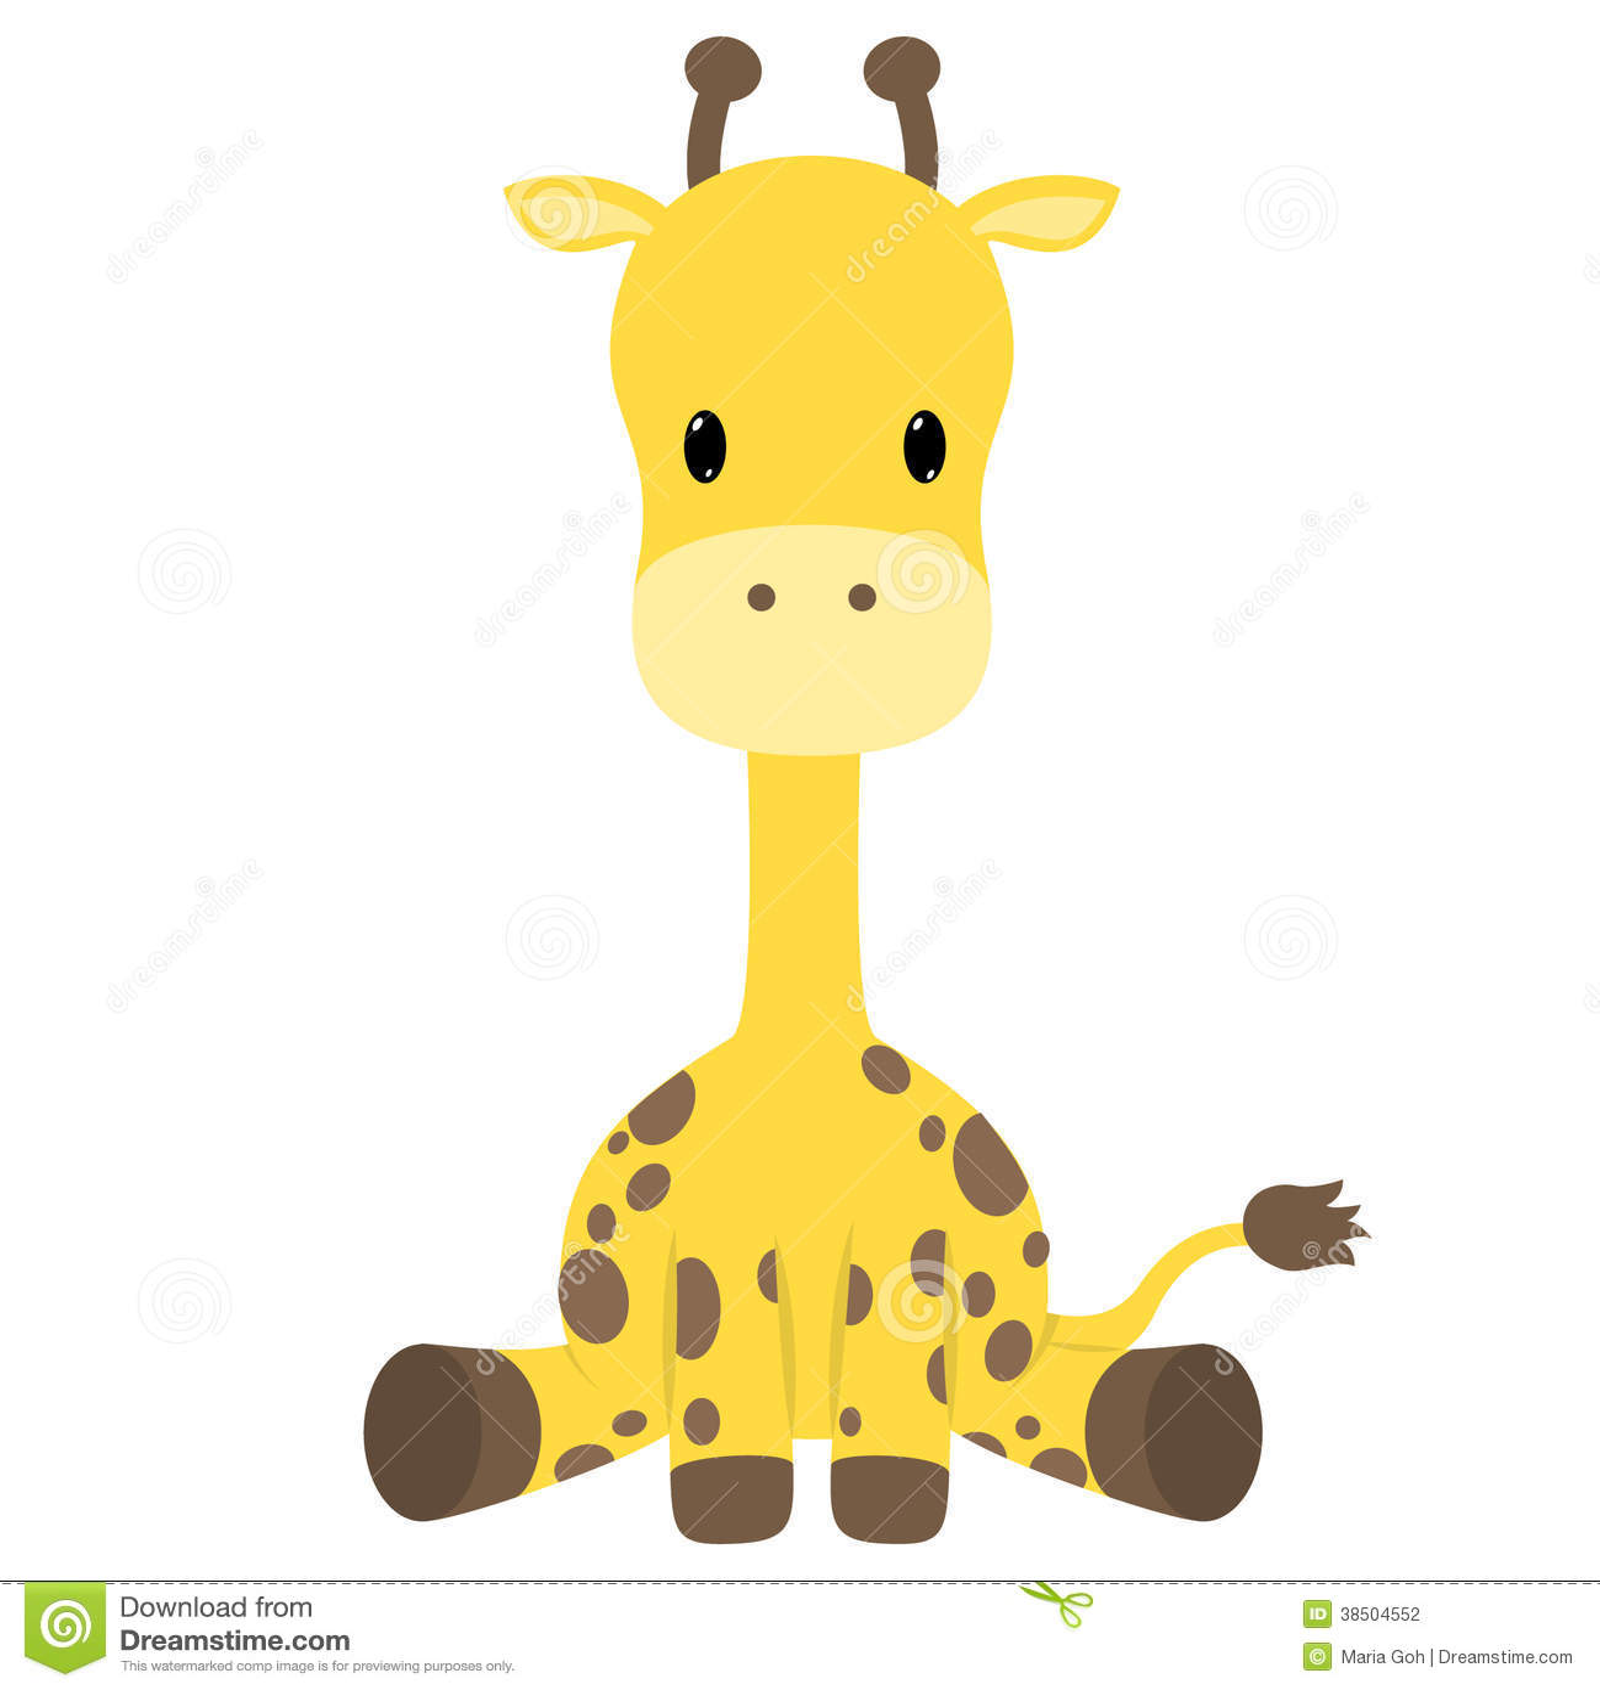 Baby Shower Giraffe Clip Art Giraffe Stock Photography